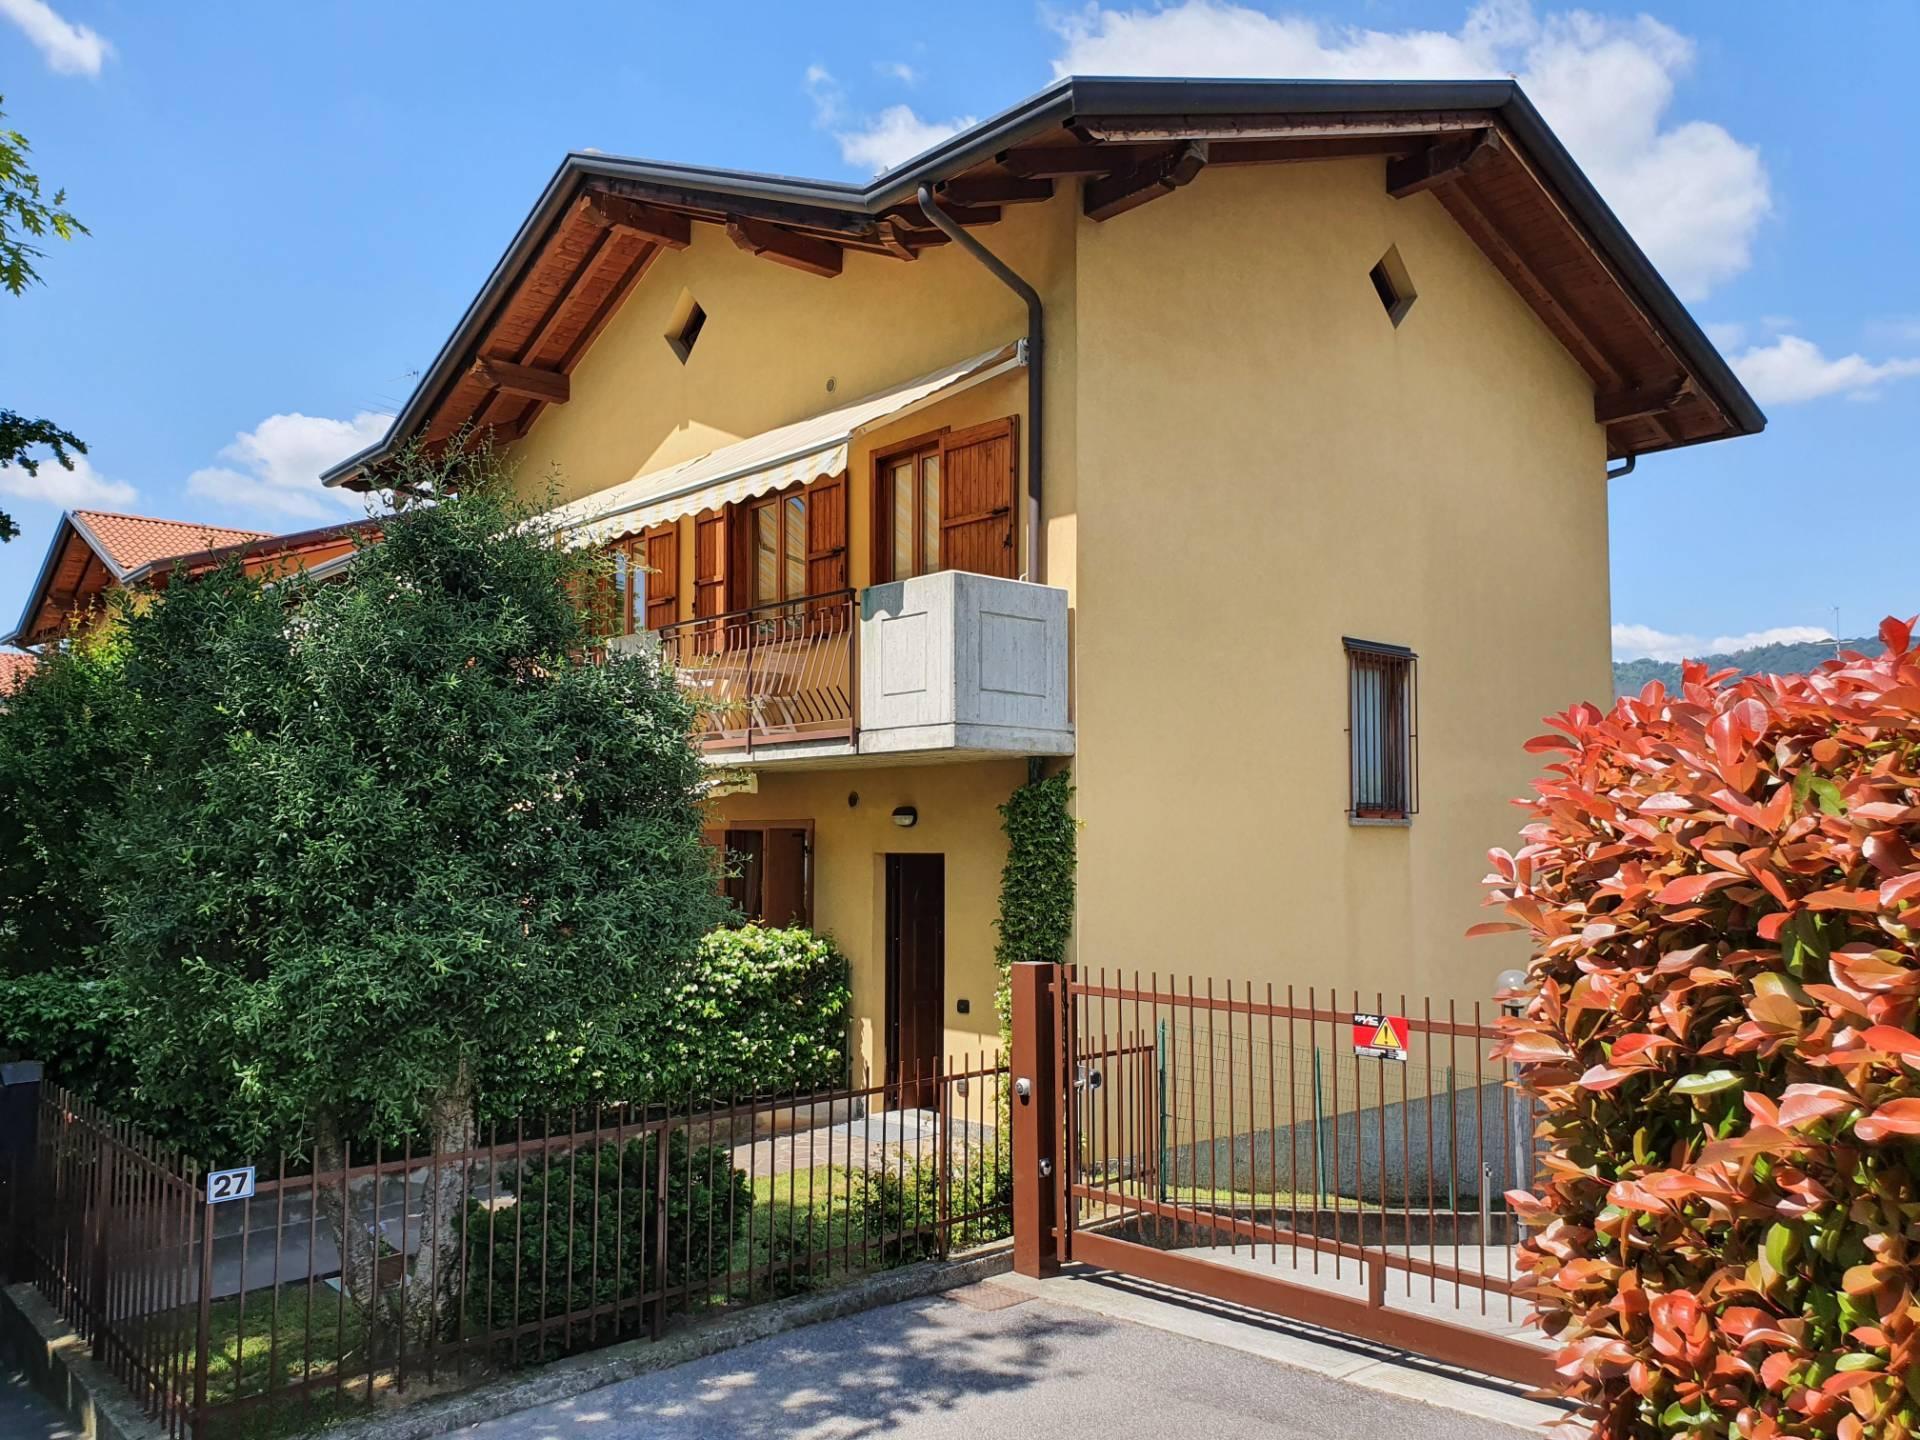 Appartamento in vendita a Villa di Serio, 3 locali, prezzo € 245.000 | PortaleAgenzieImmobiliari.it